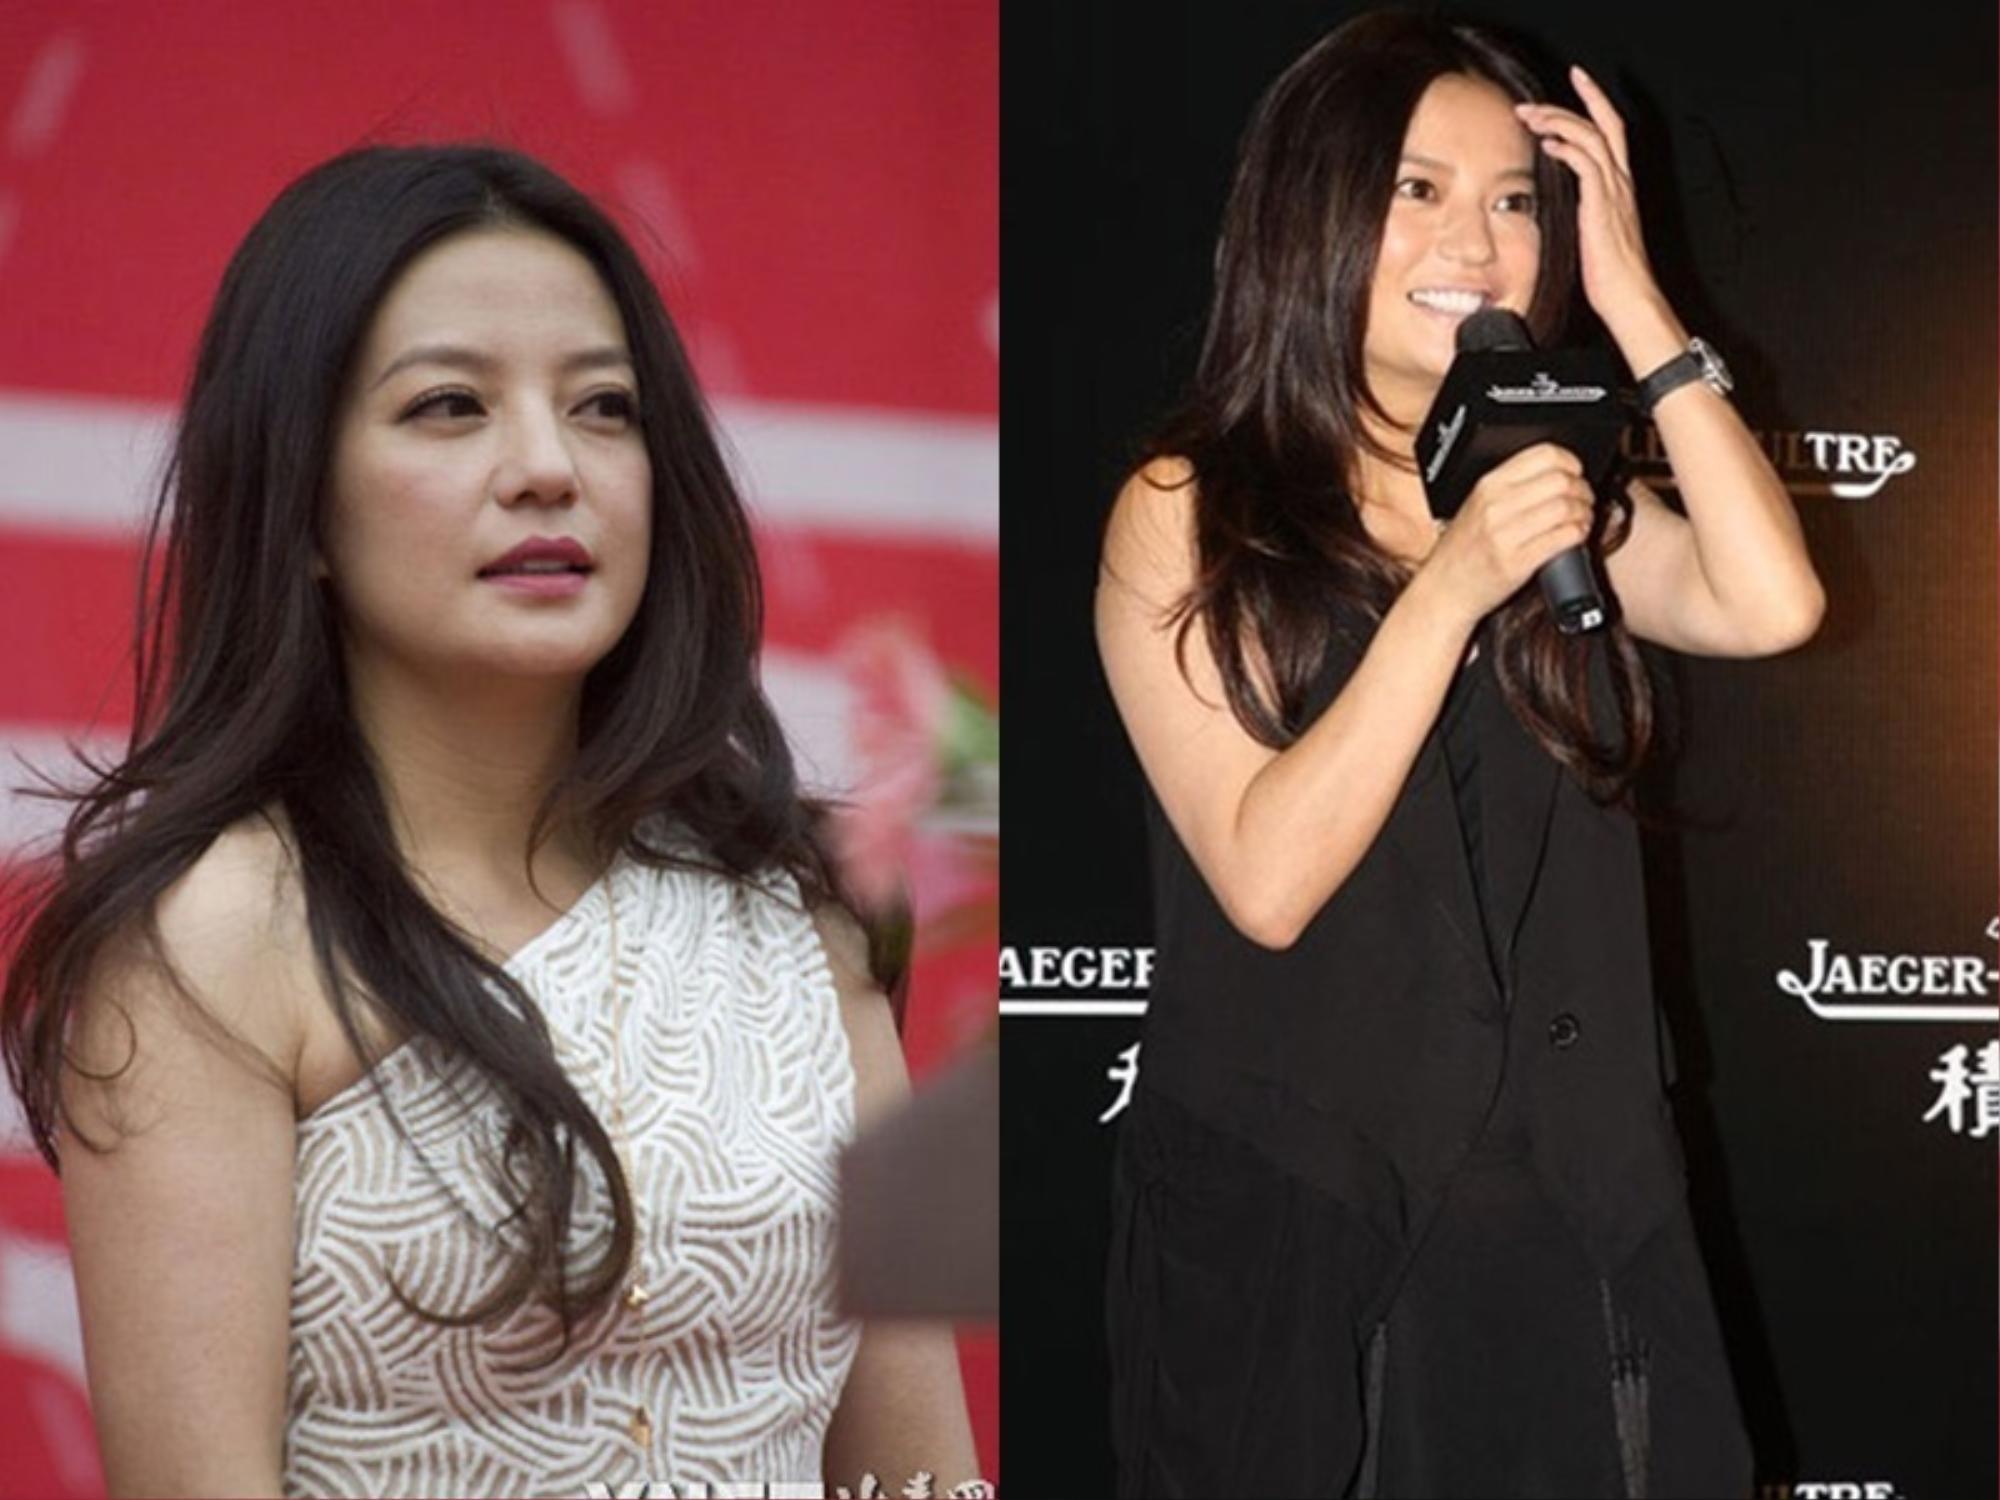 Con đường thời trang 'chông gai' của hai mỹ nhân bị phong sát Triệu Vy & Trịnh Sảng Ảnh 5